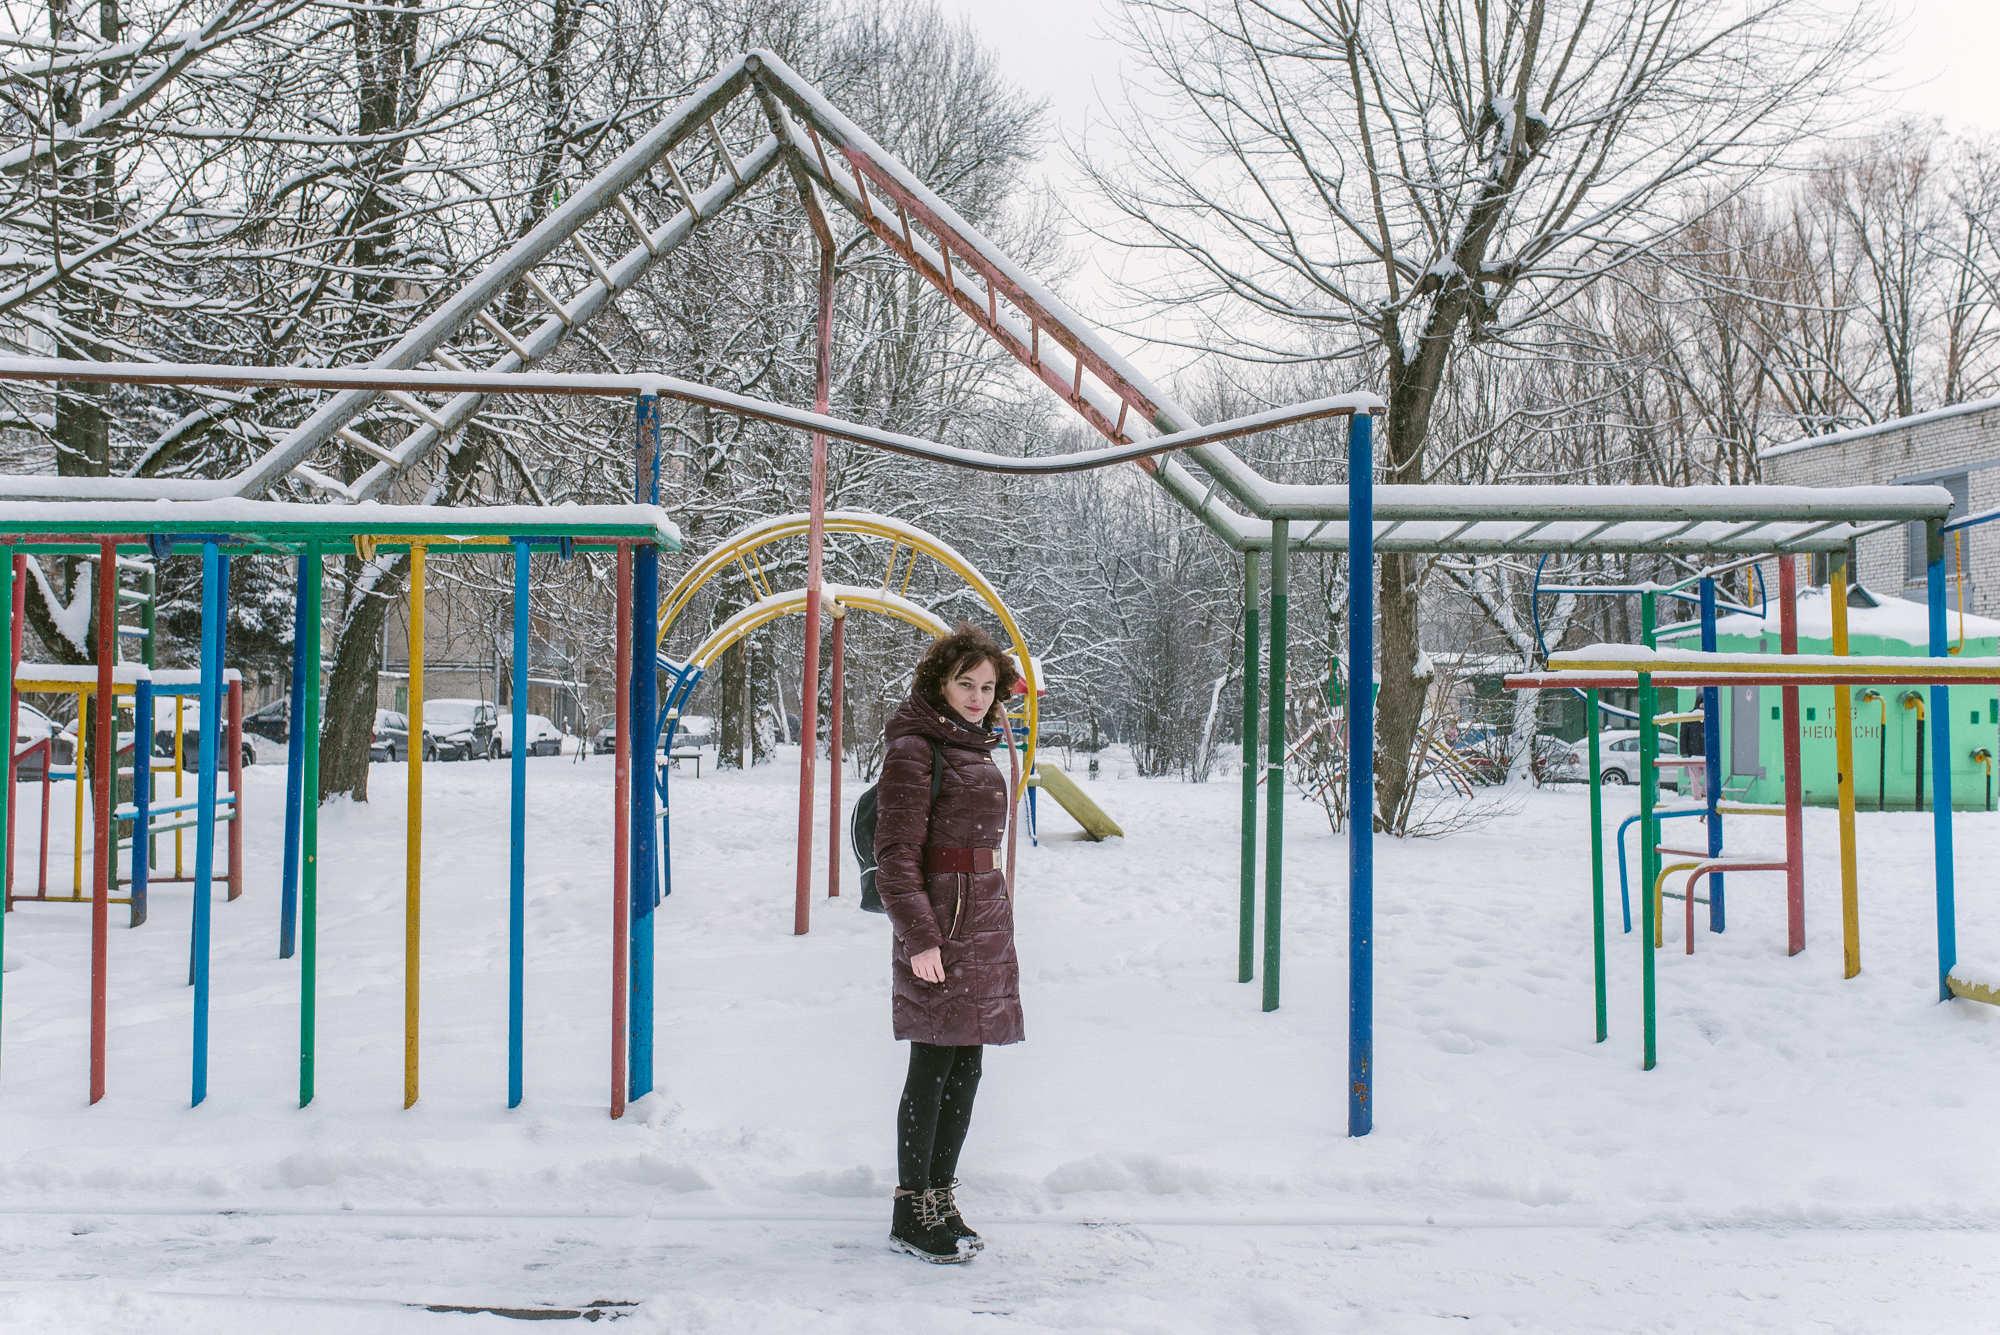 Алеся держится за работу в Минске, потому что здесь лучшие специалисты в стране. Случись что, в родной Корме ей вряд ли помогут, считает девушка.